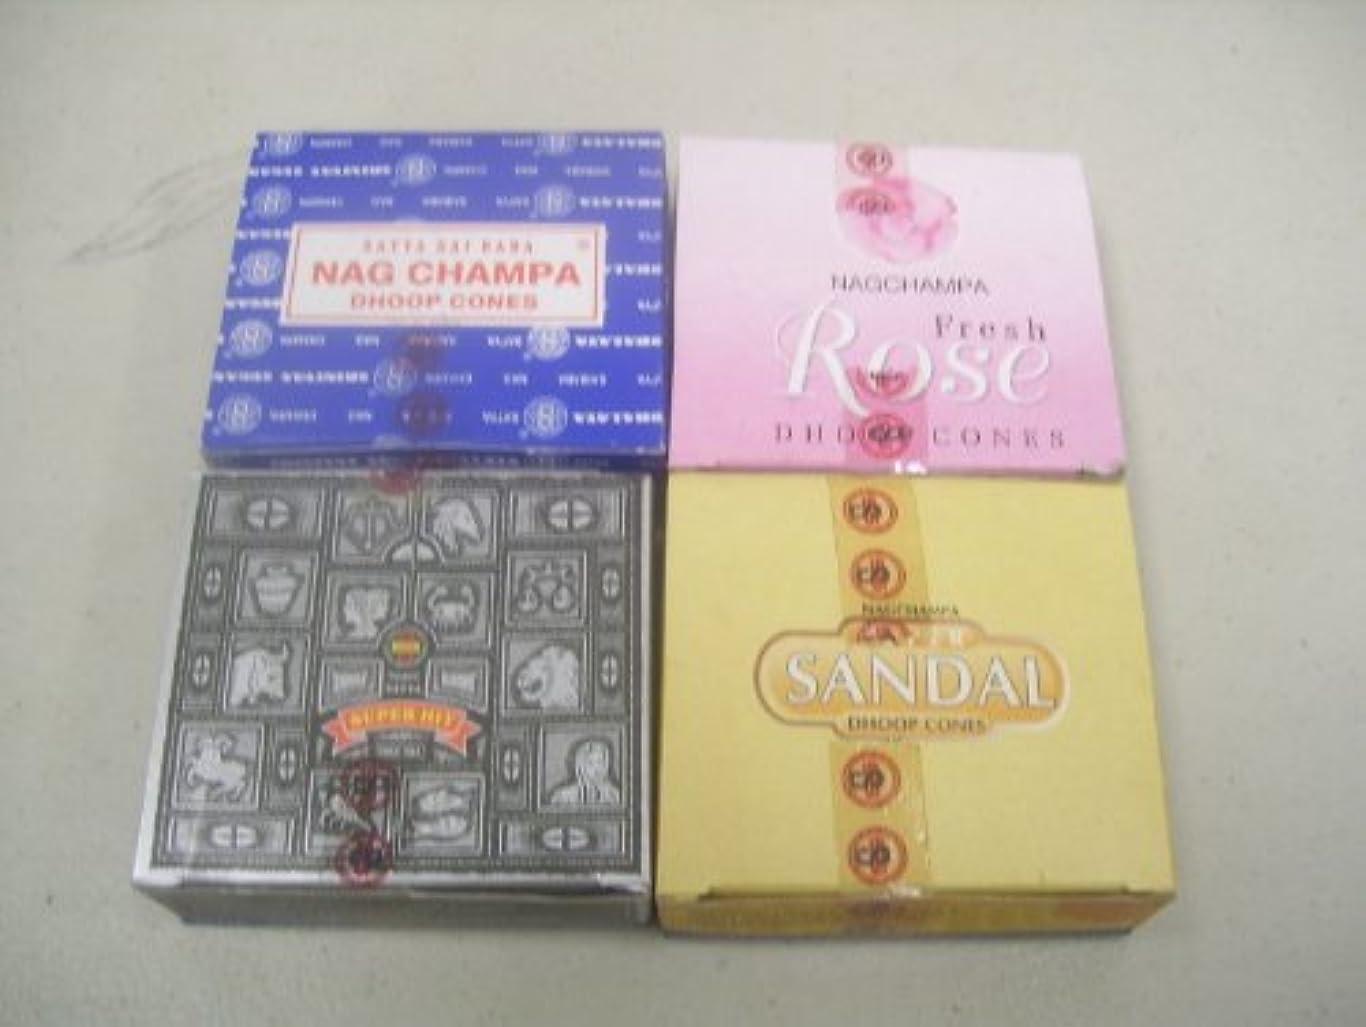 割り込み新鮮な乳剤Nag ChampaフレッシュローズスーパーサンダルSuper Hit Incense Cones by Satya Sai Baba 4 X 12 (48 )